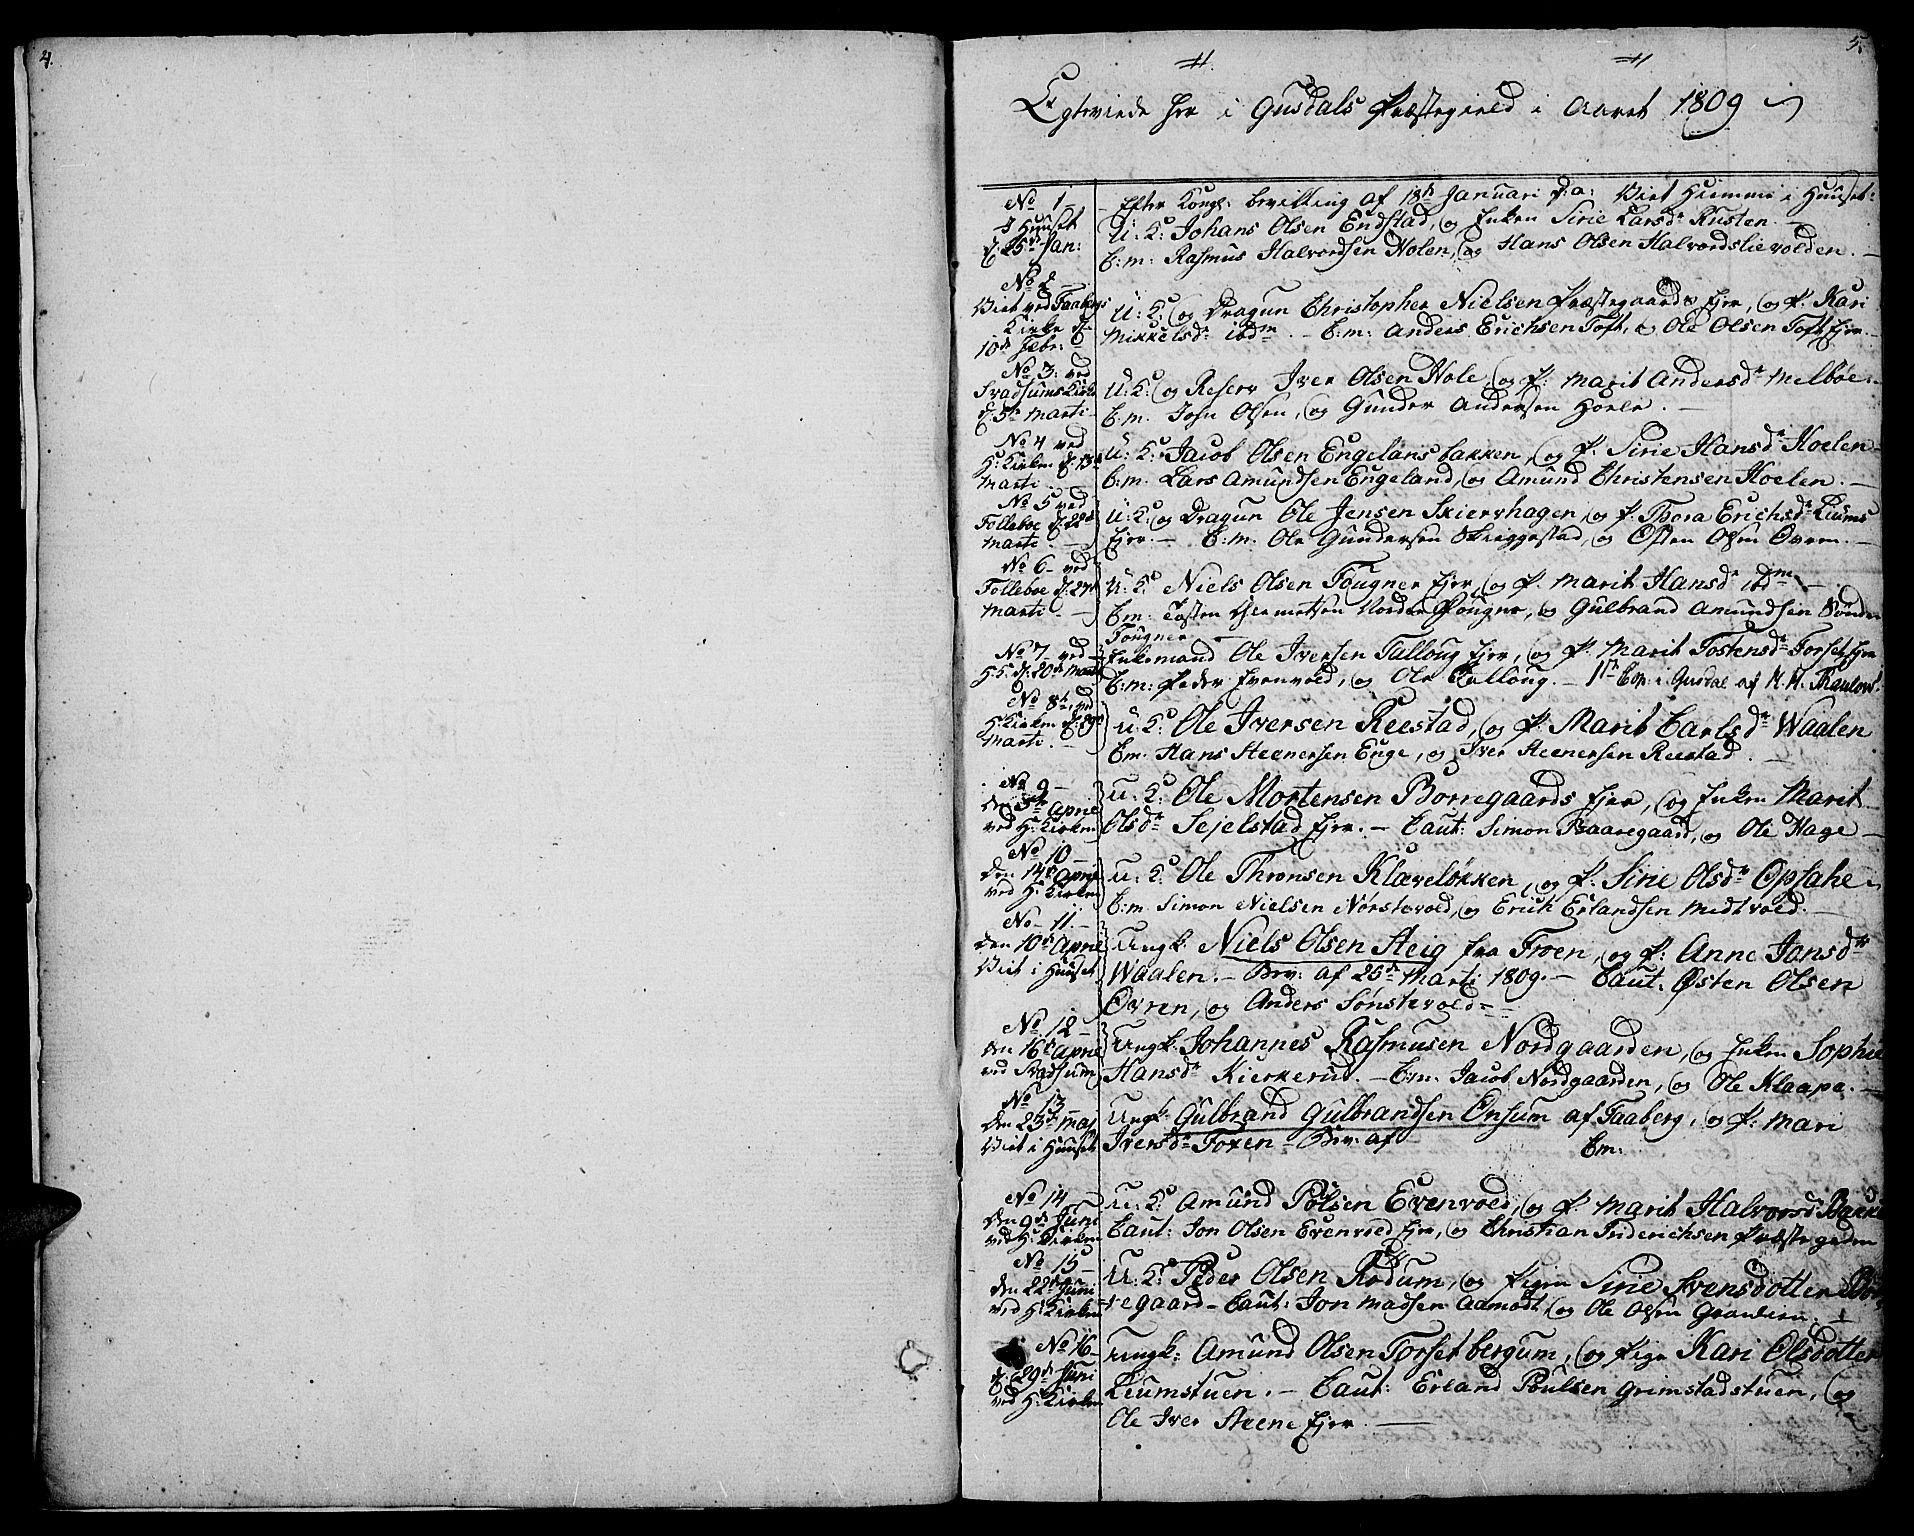 SAH, Gausdal prestekontor, Parish register (official) no. 4, 1809-1817, p. 4-5